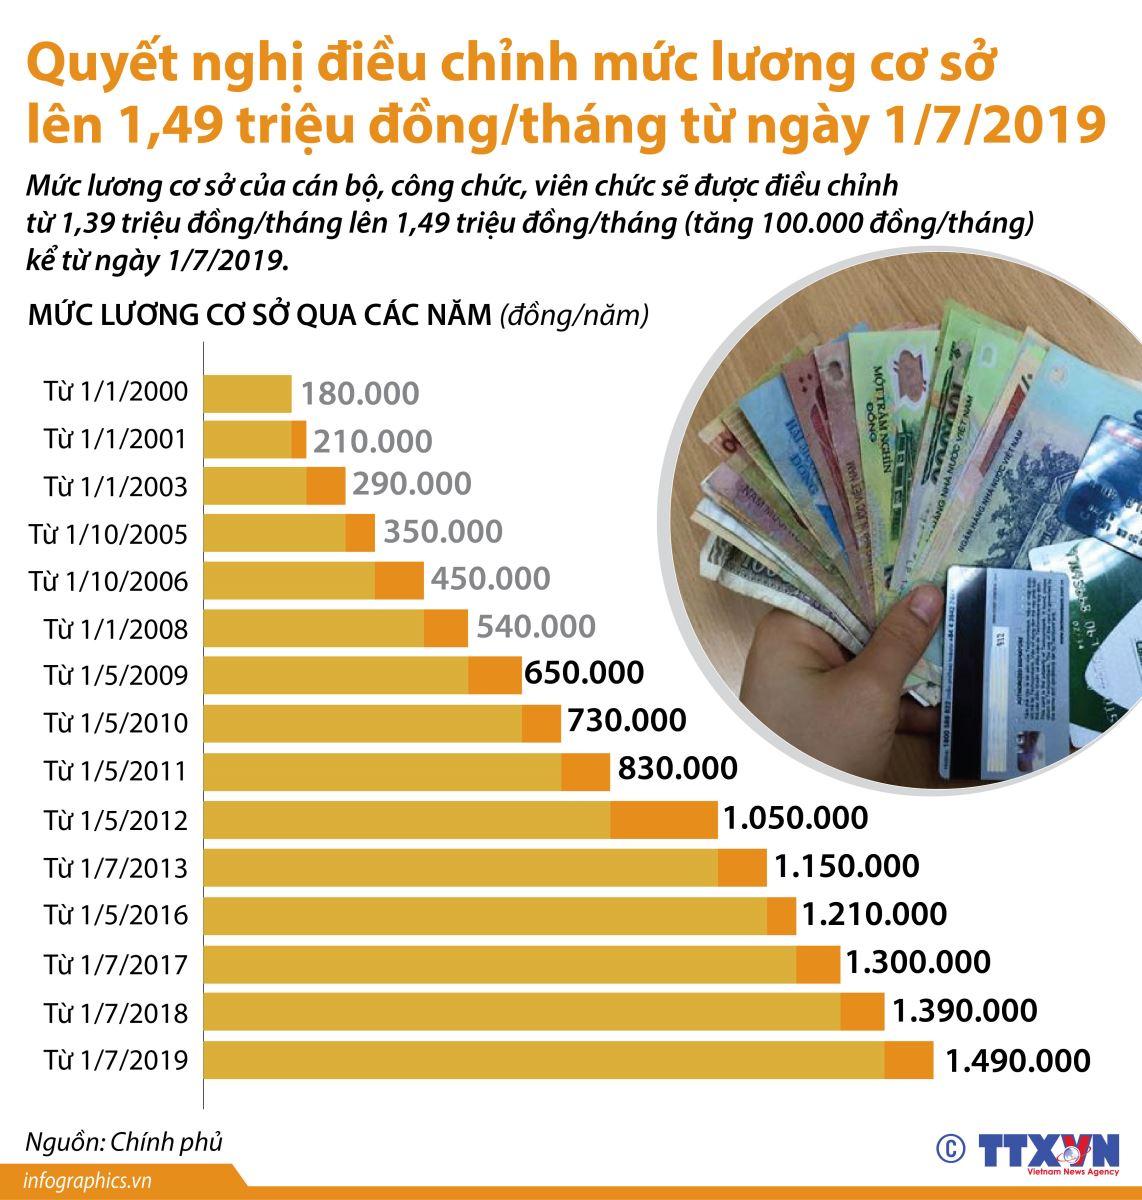 Điều chỉnh mức lương cơ sở lên 1,49 triệu đồng/tháng từ 1/7/2019